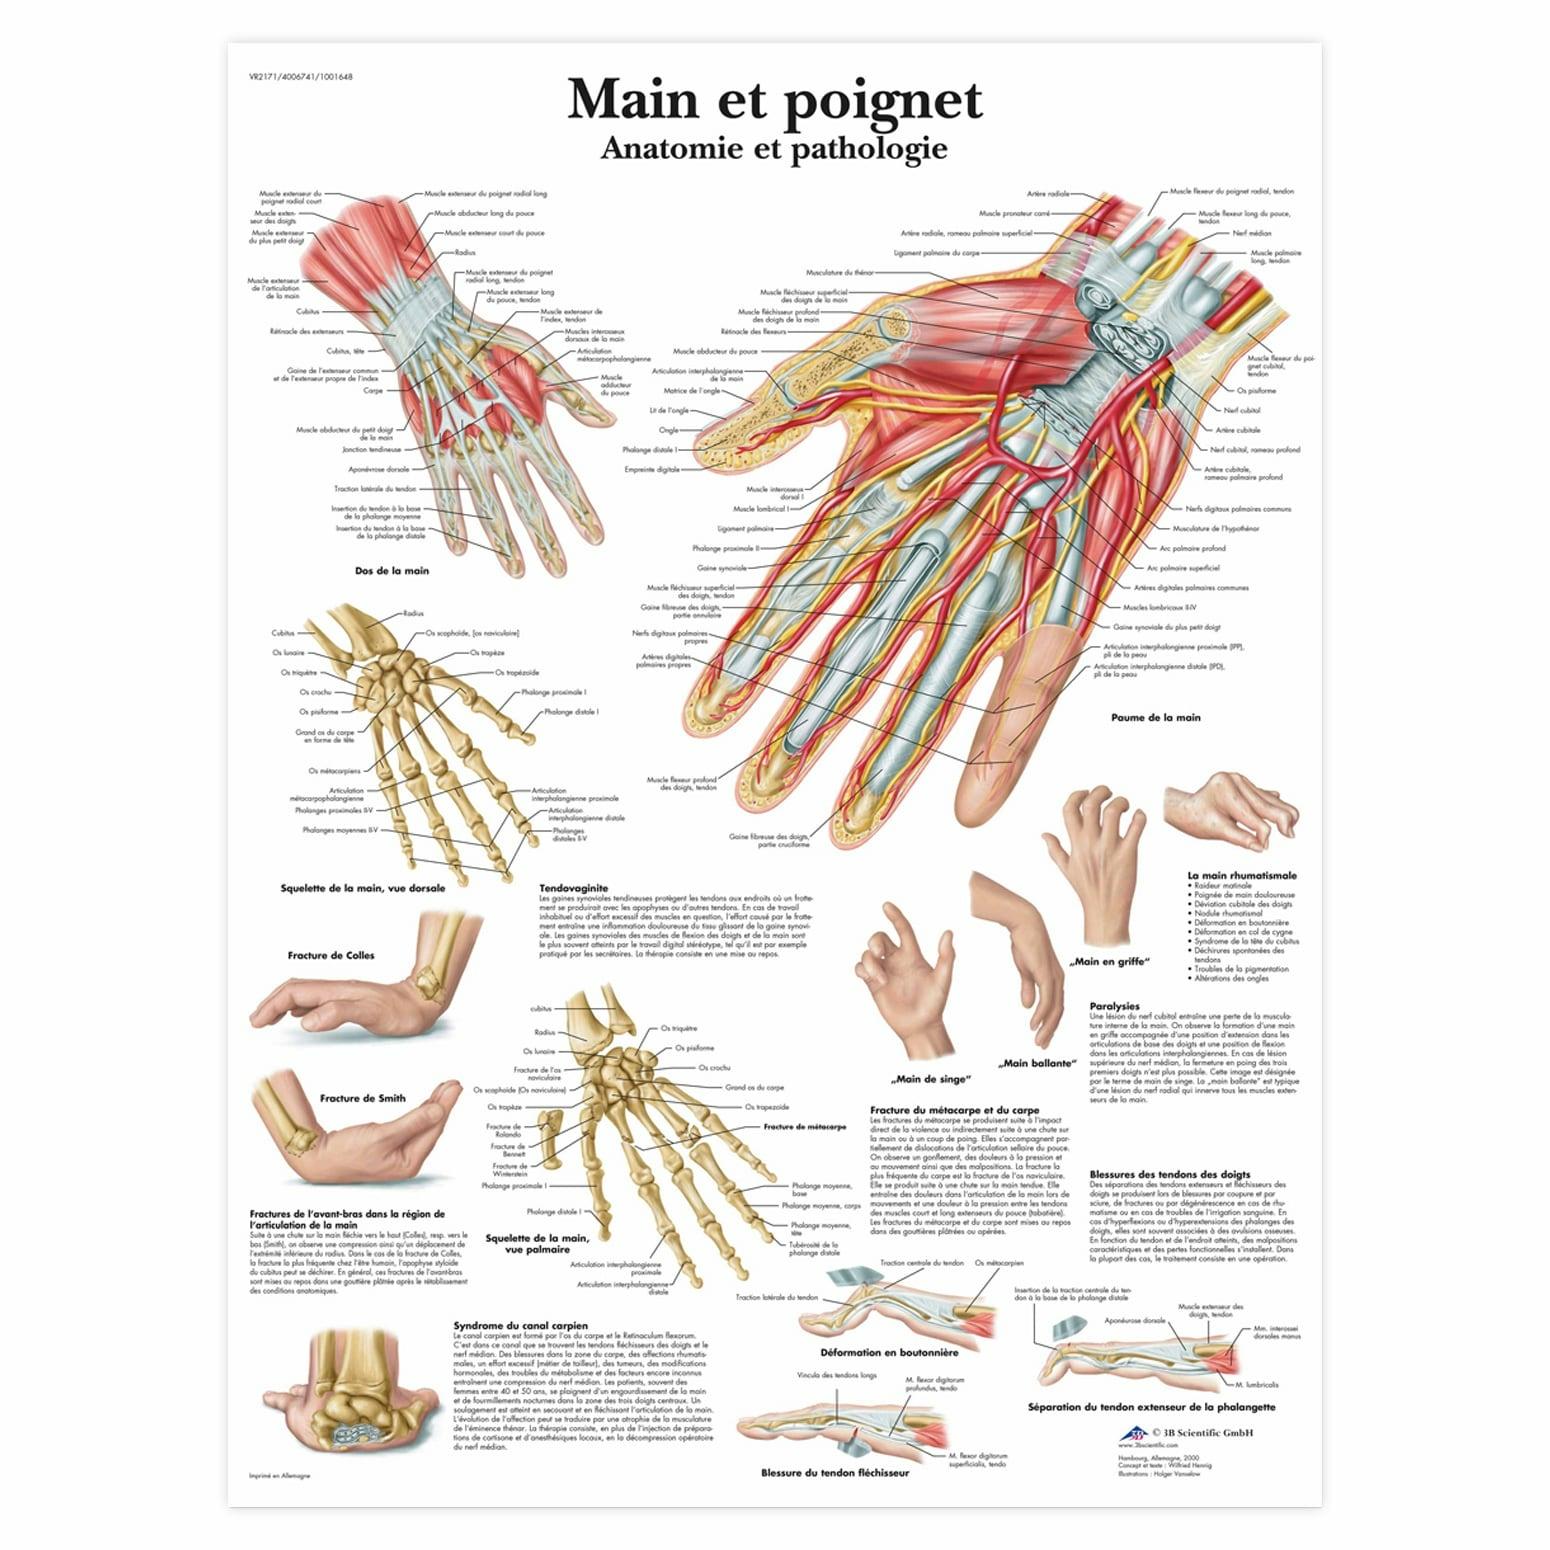 Planche anatomique Main et poignet : anatomie et pathologie